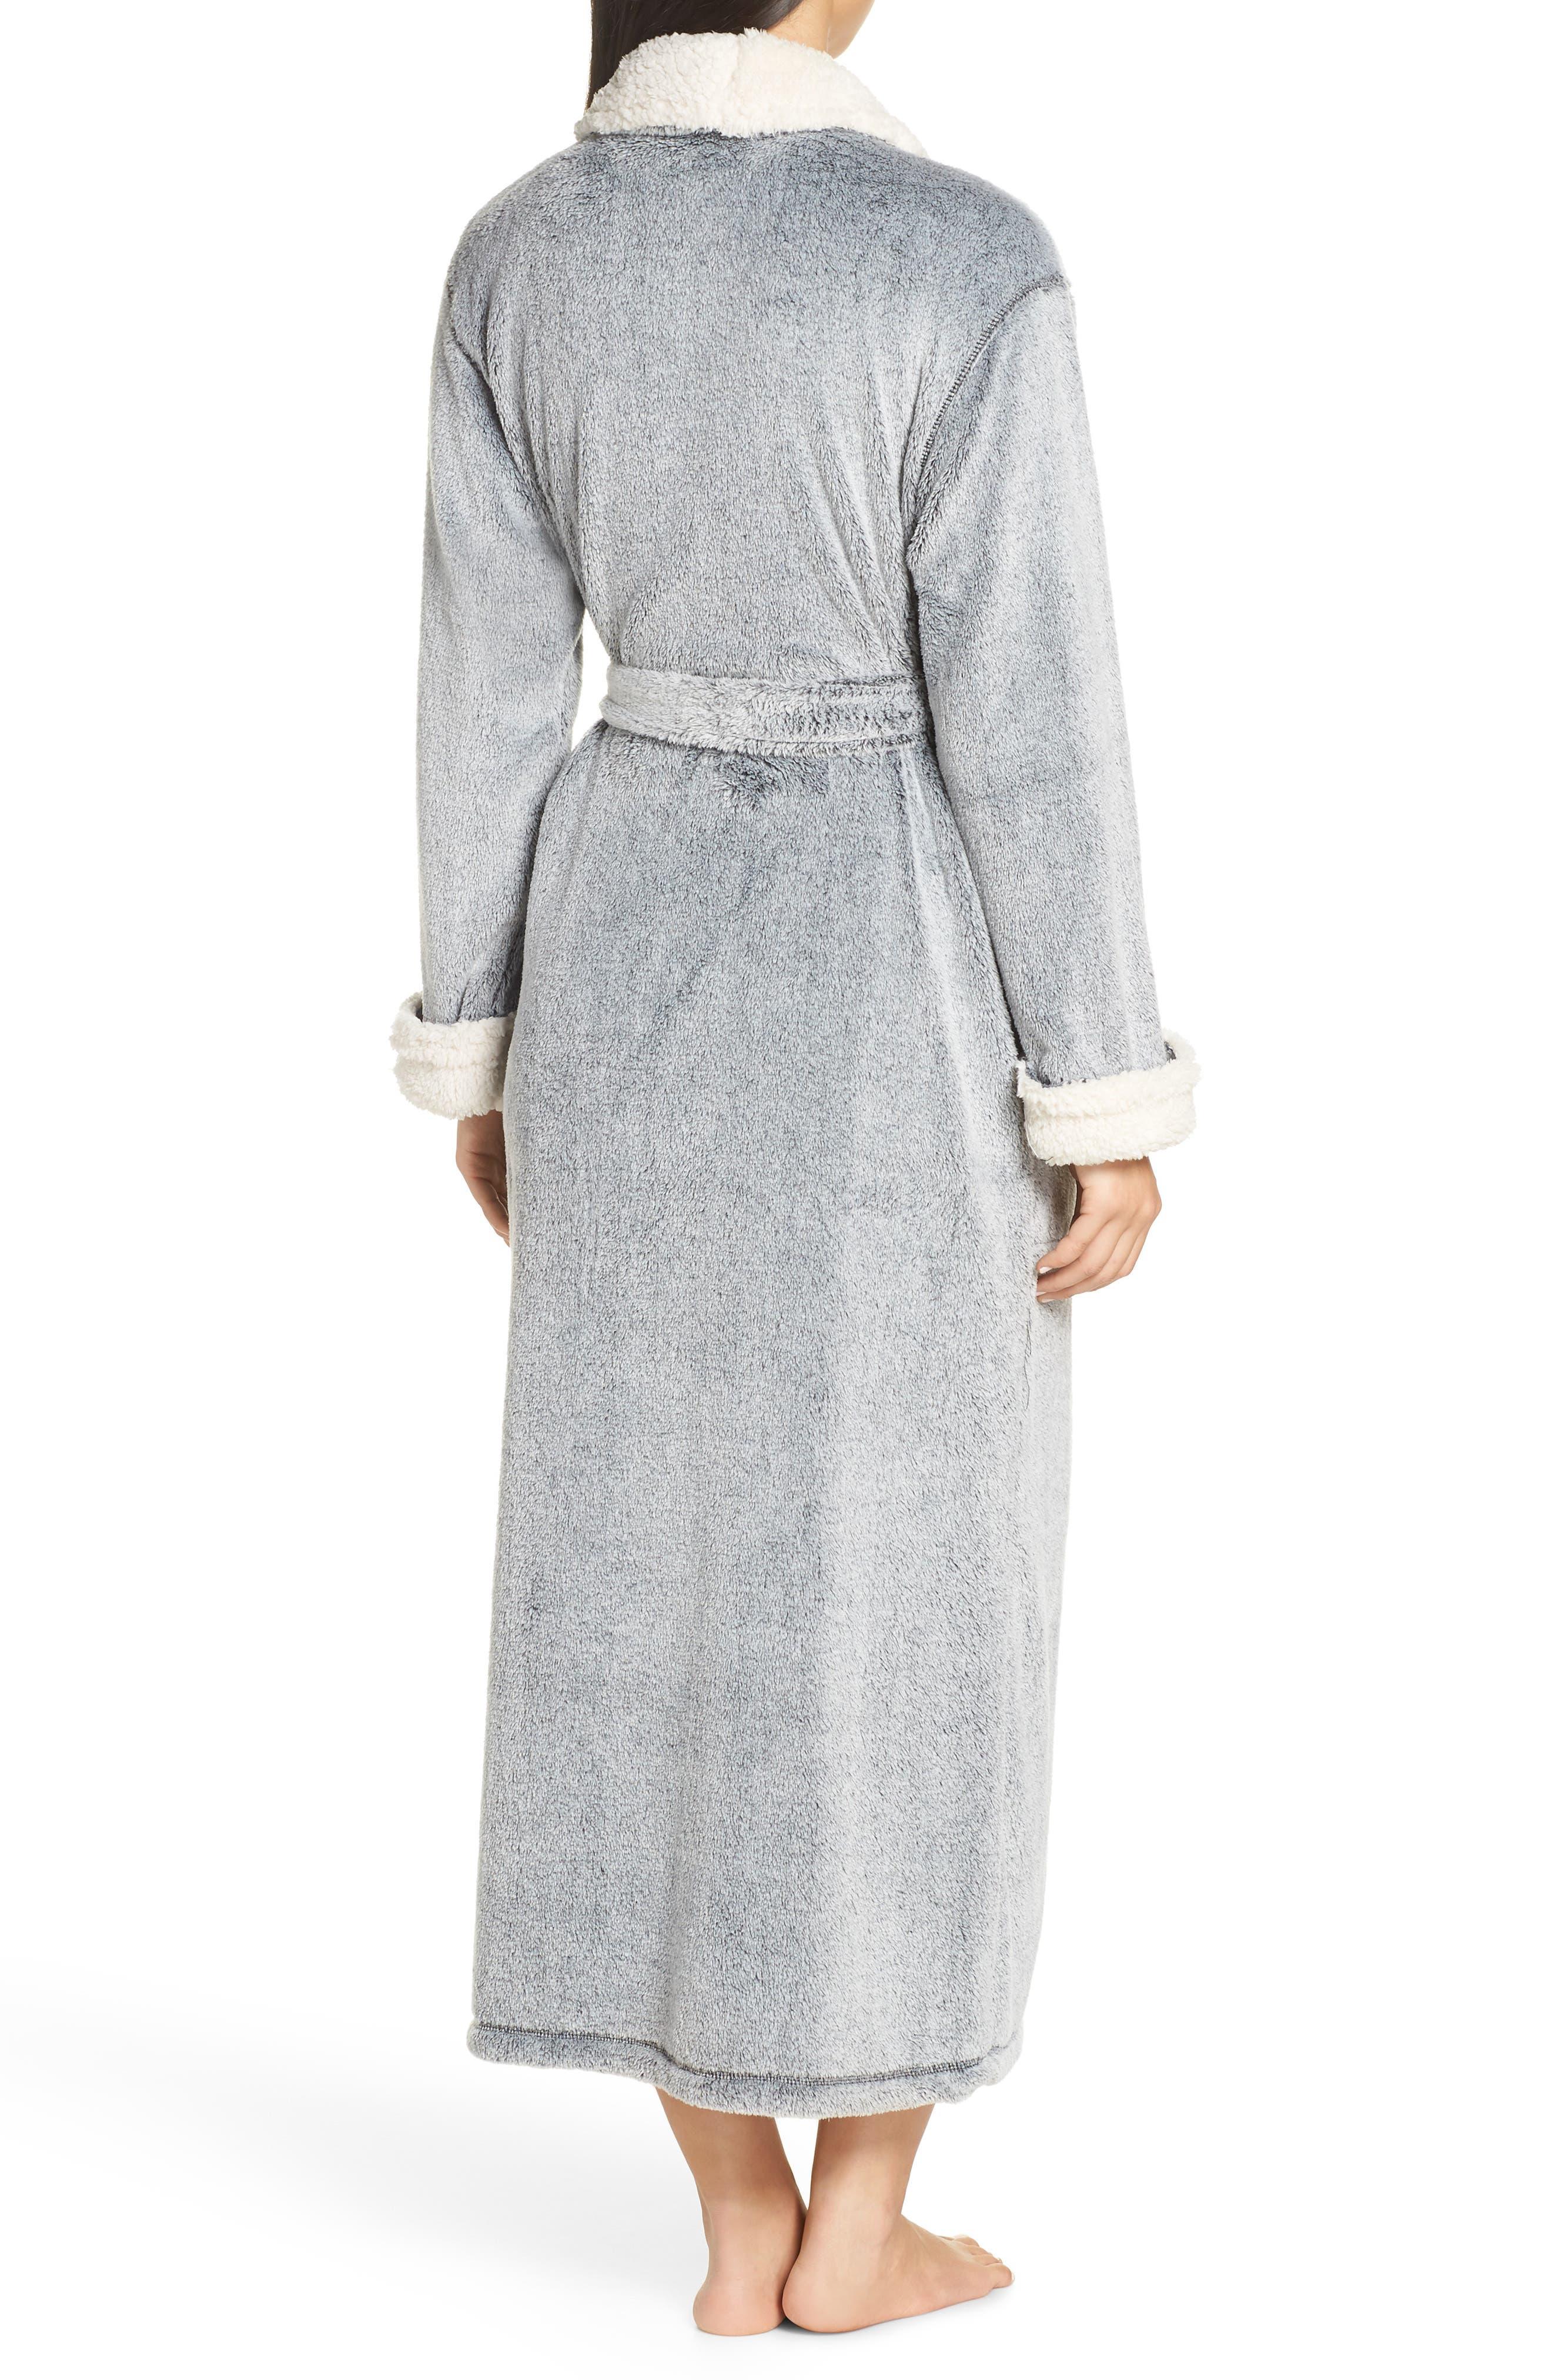 NATORI, Plush Velour Robe, Alternate thumbnail 2, color, BLACK